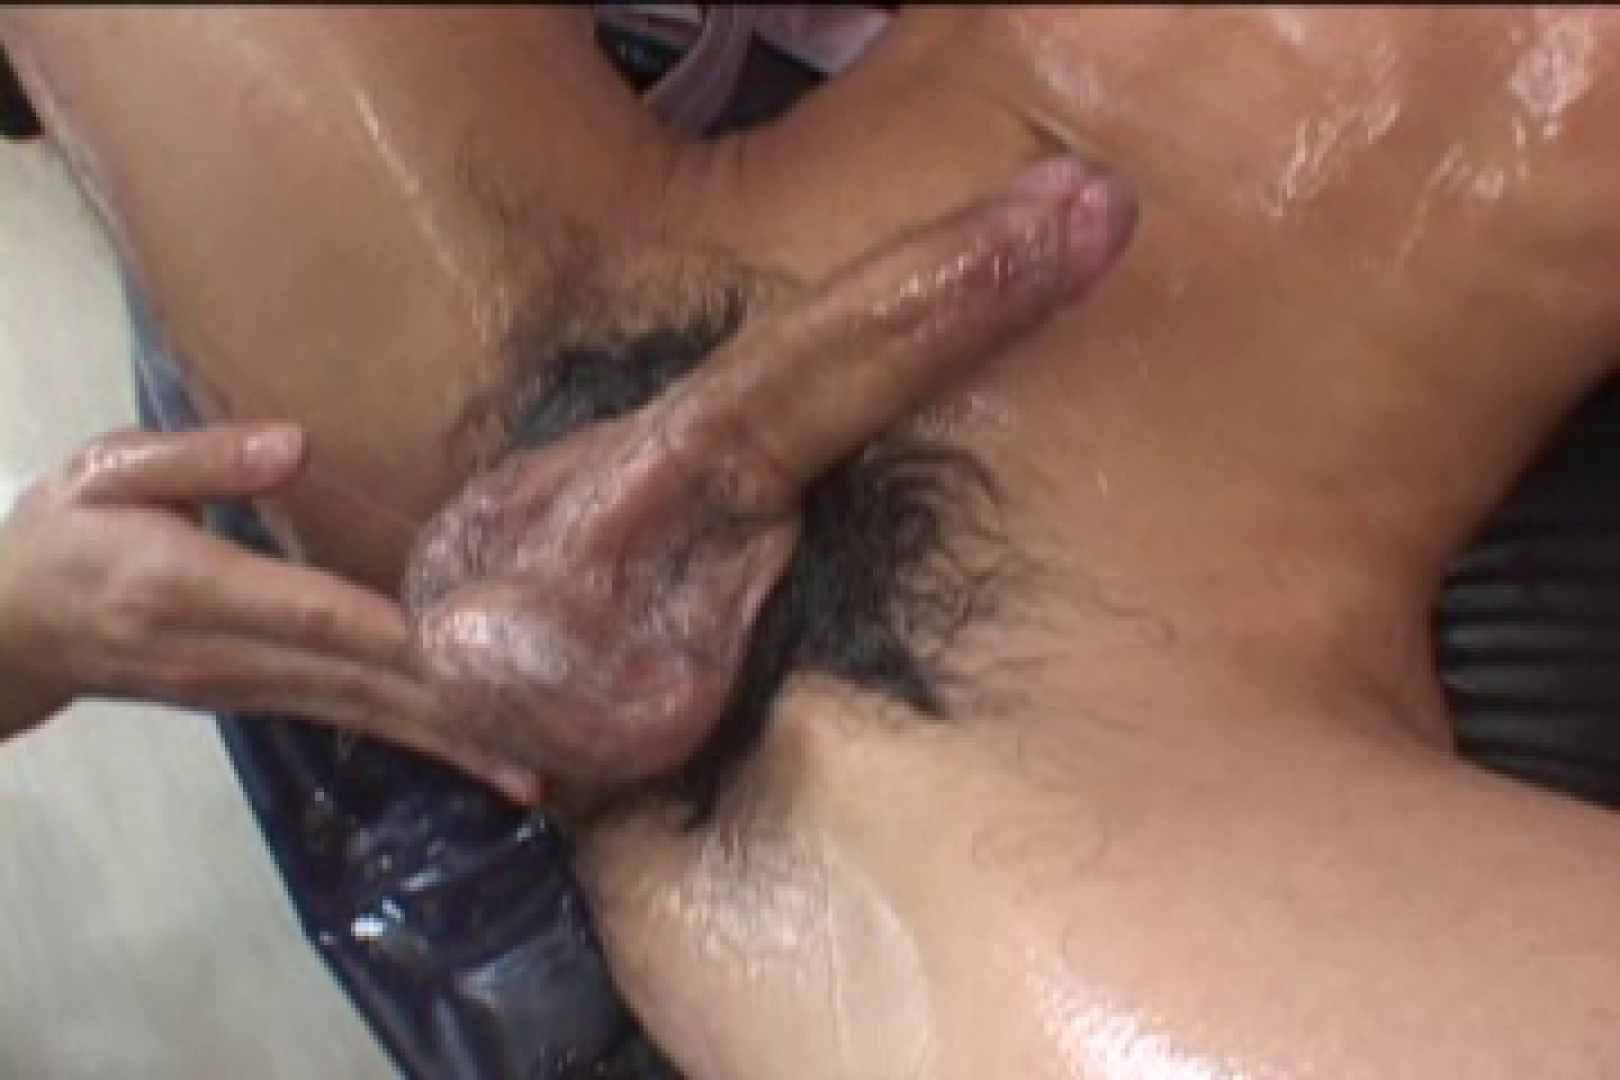 えっ!そんなにたくさんでですか?!Vol.01 裸 | リーマン系な男たち  80連発 67